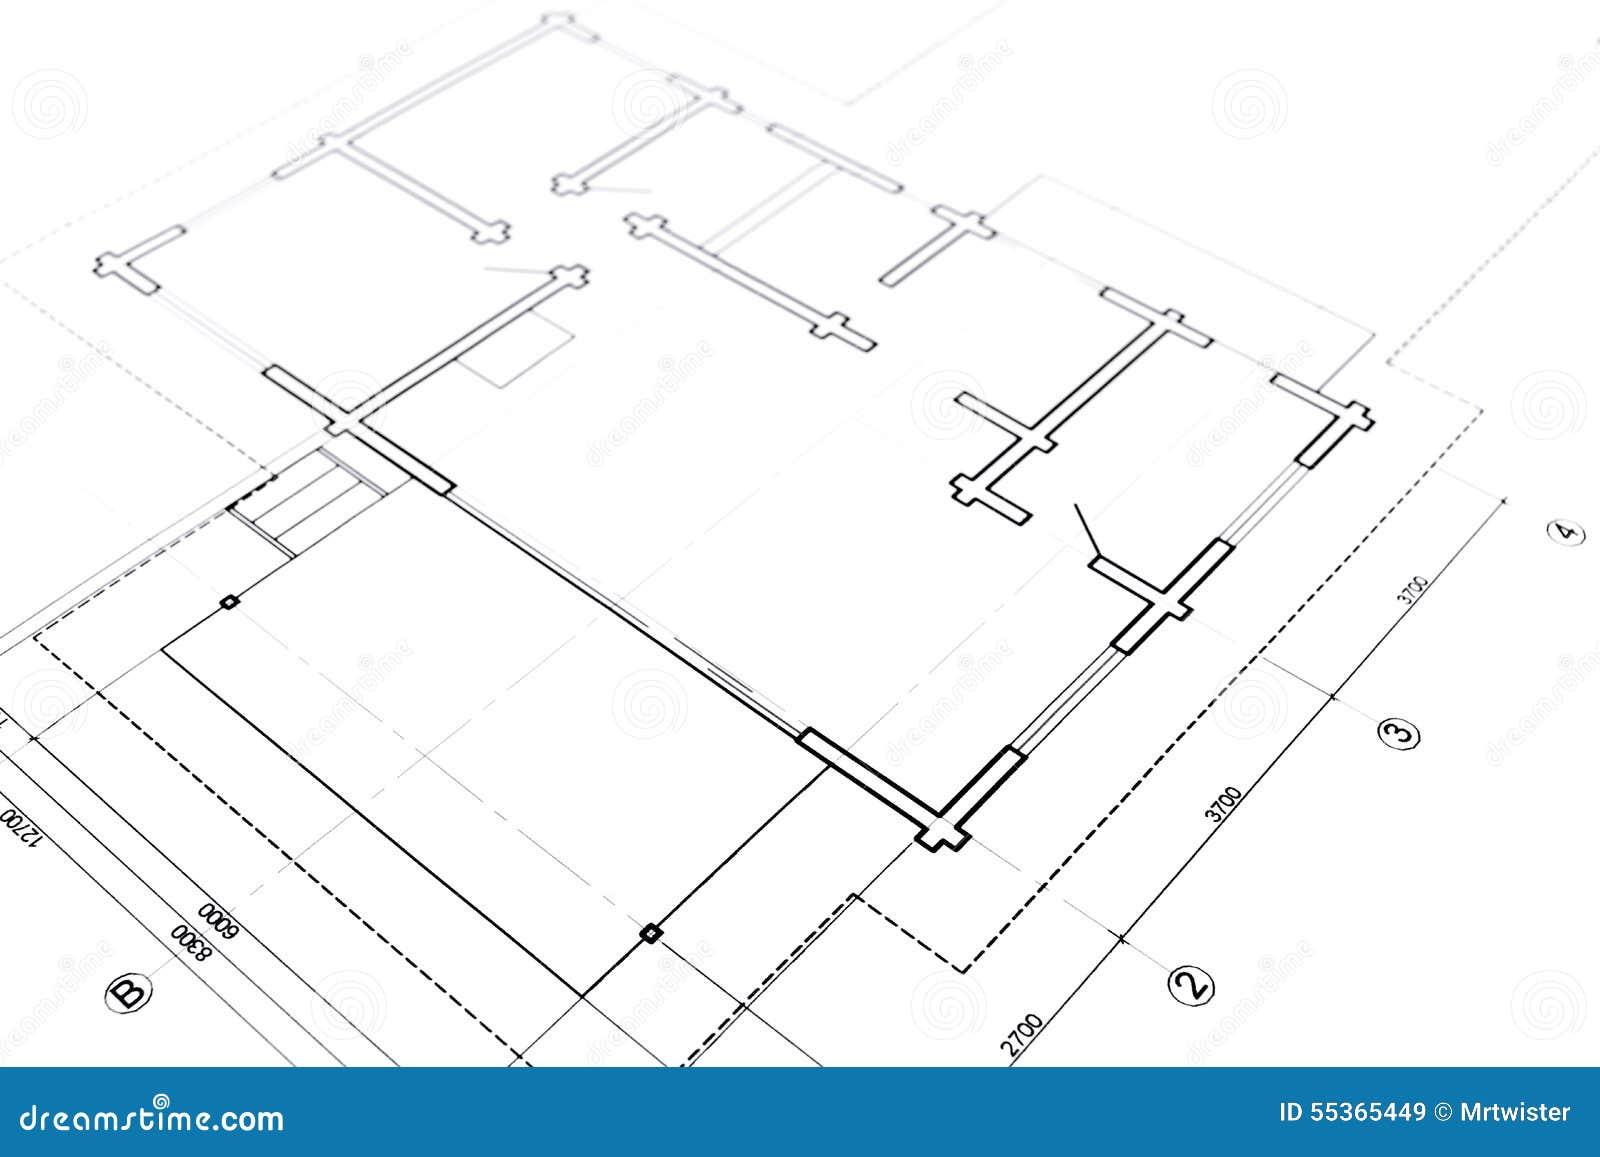 Piante architettoniche